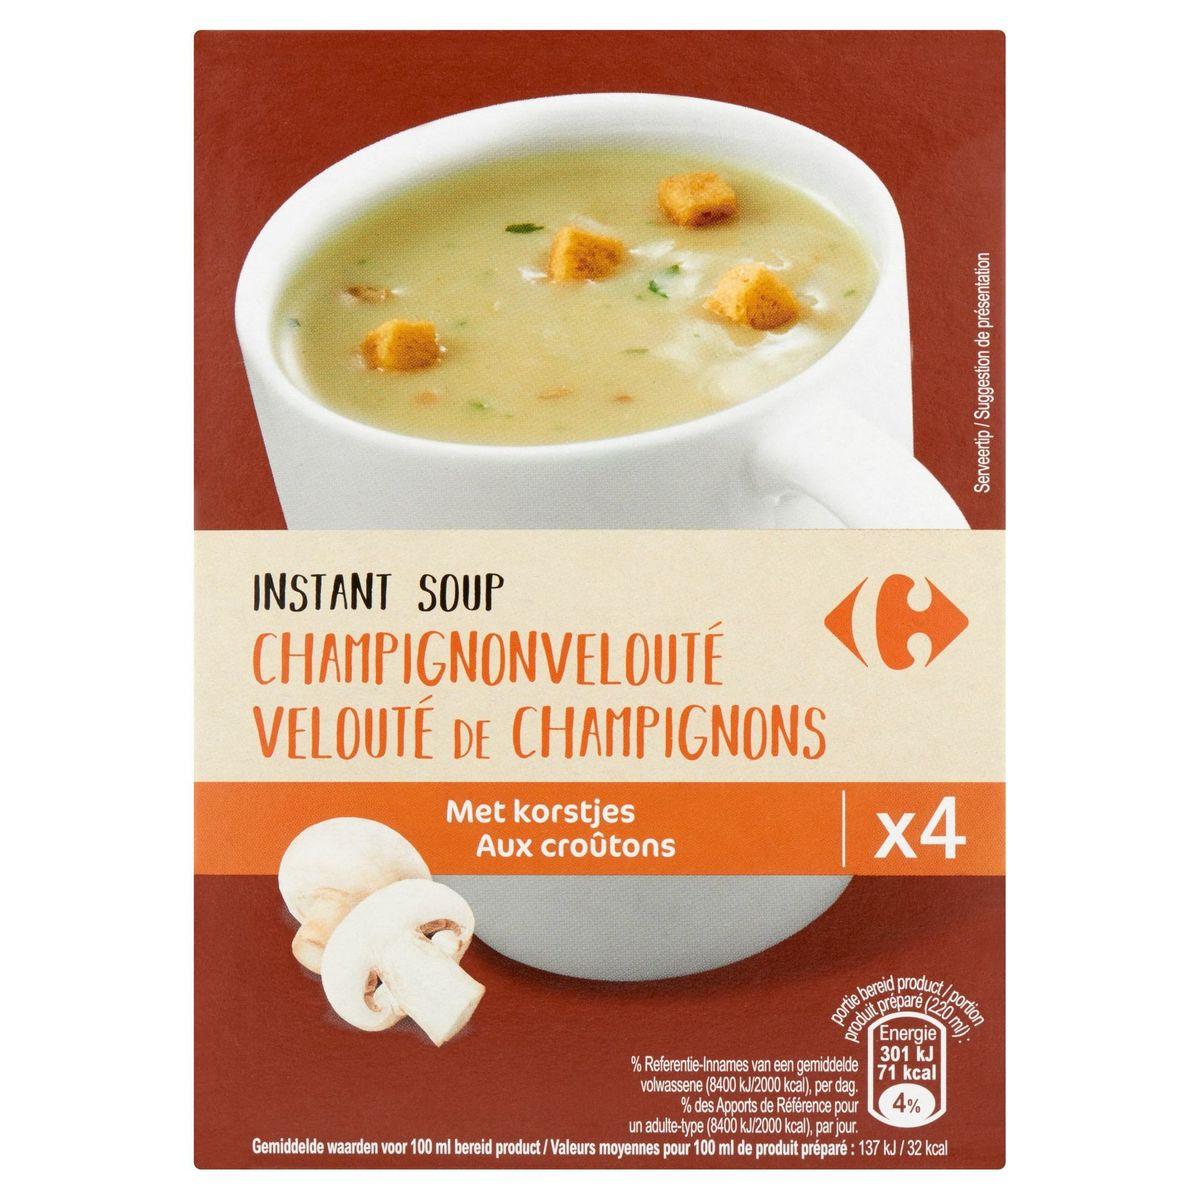 Carrefour Instant Soup Champignonvelouté met Korstjes 4 x 20 g